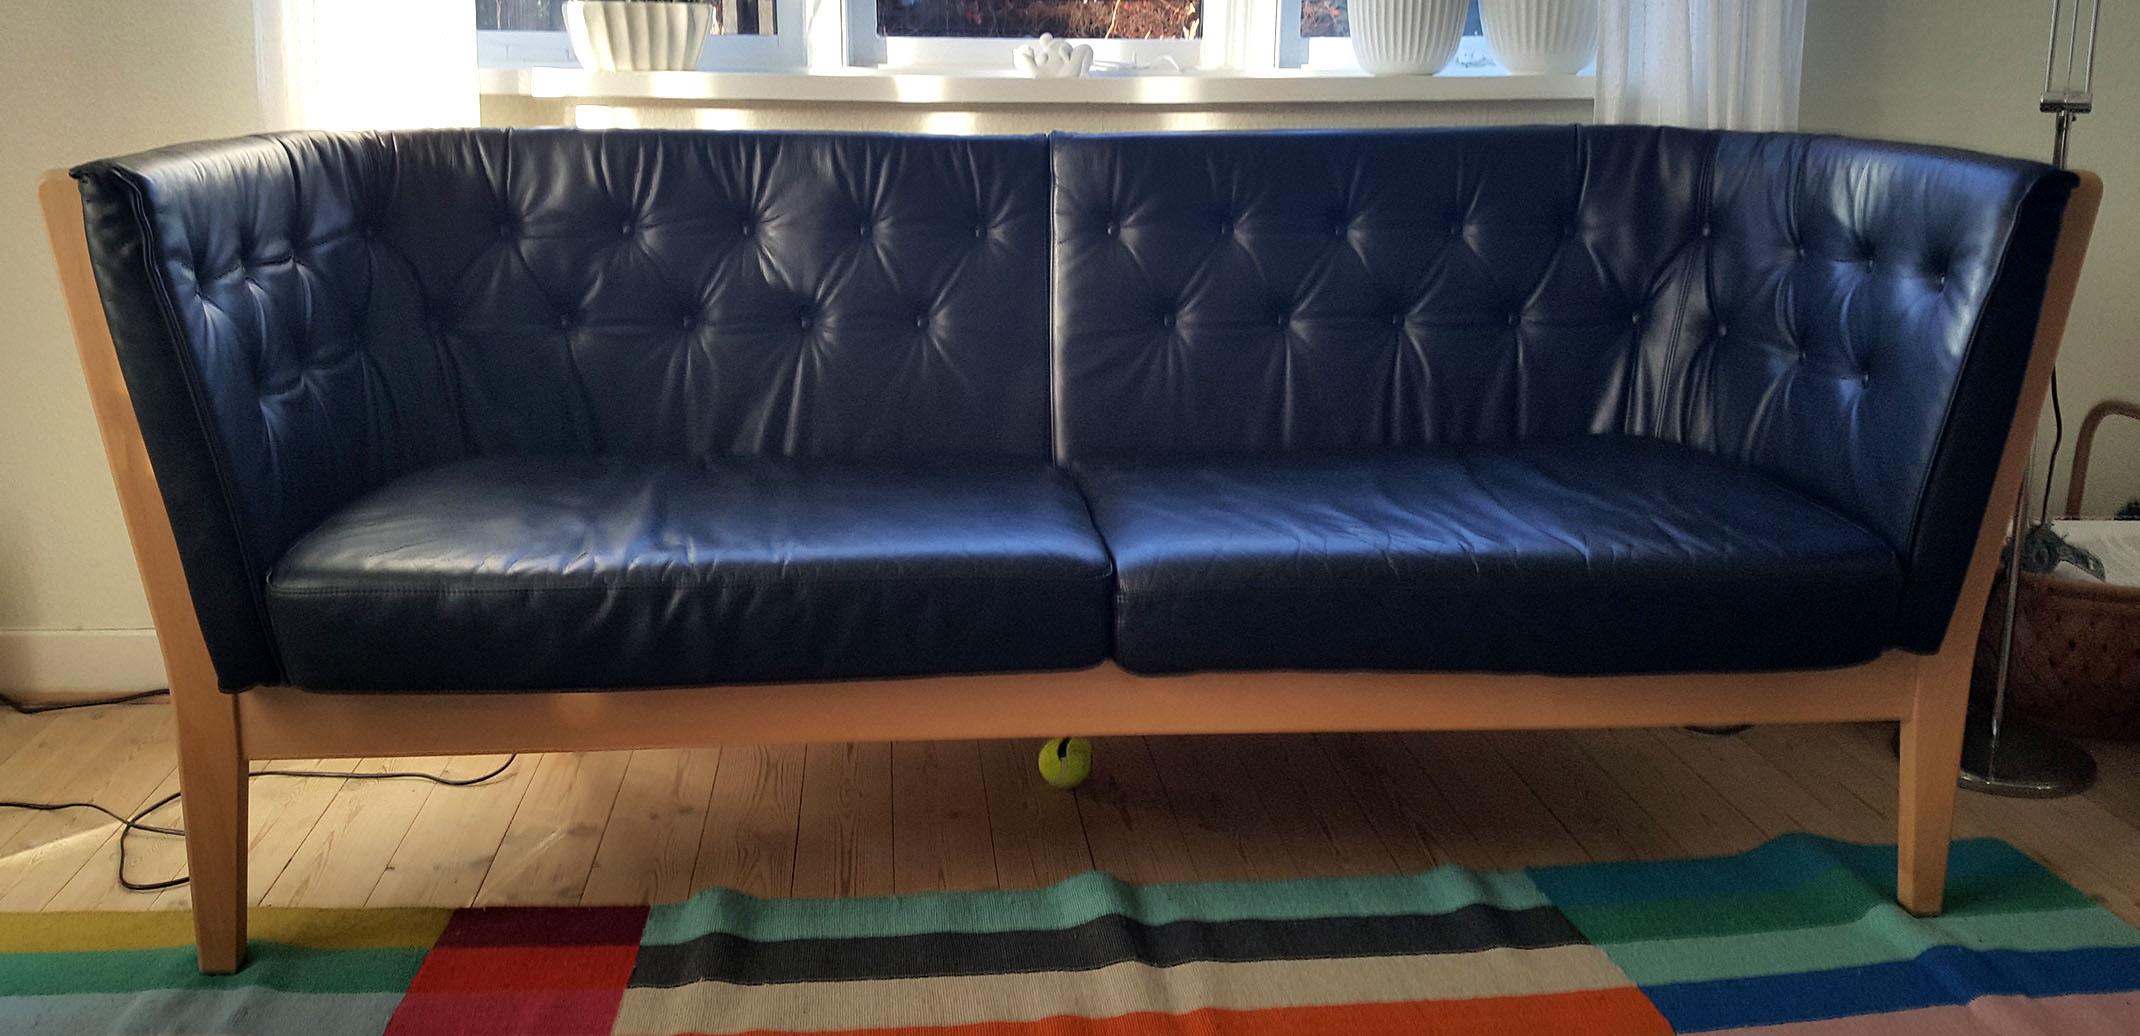 Læder sofa efter rense og farvnings behandling